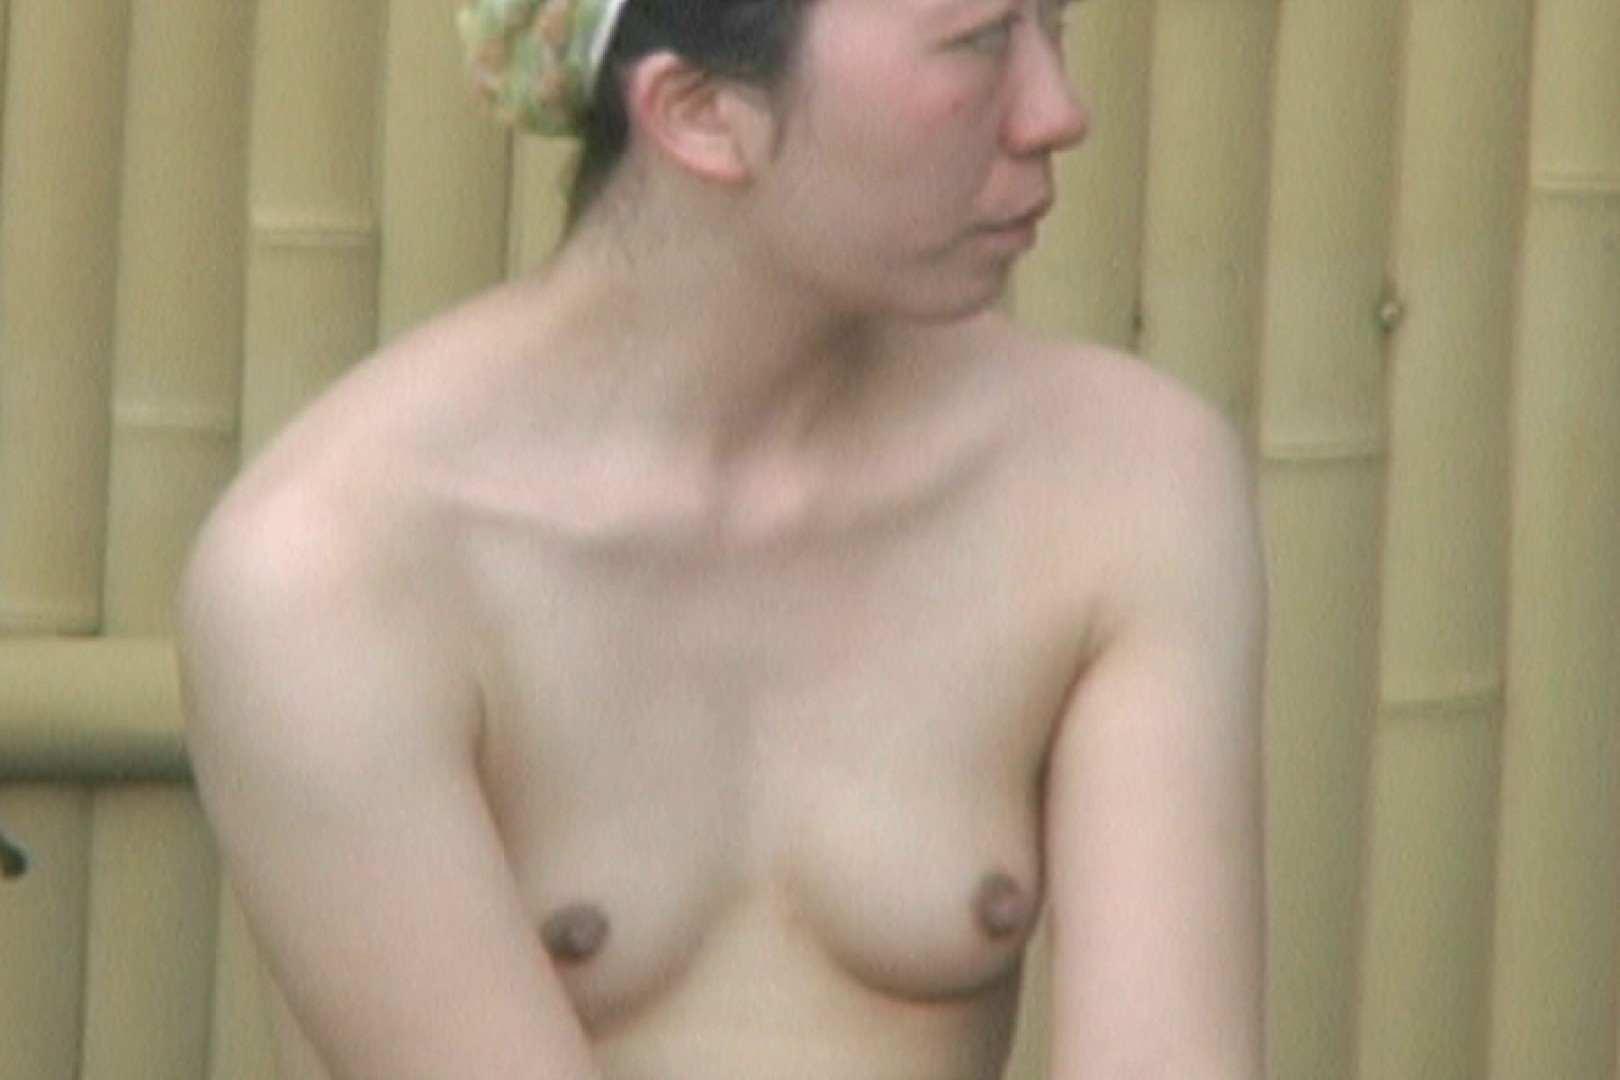 Aquaな露天風呂Vol.594 美しいOLの裸体 おまんこ動画流出 79pic 23